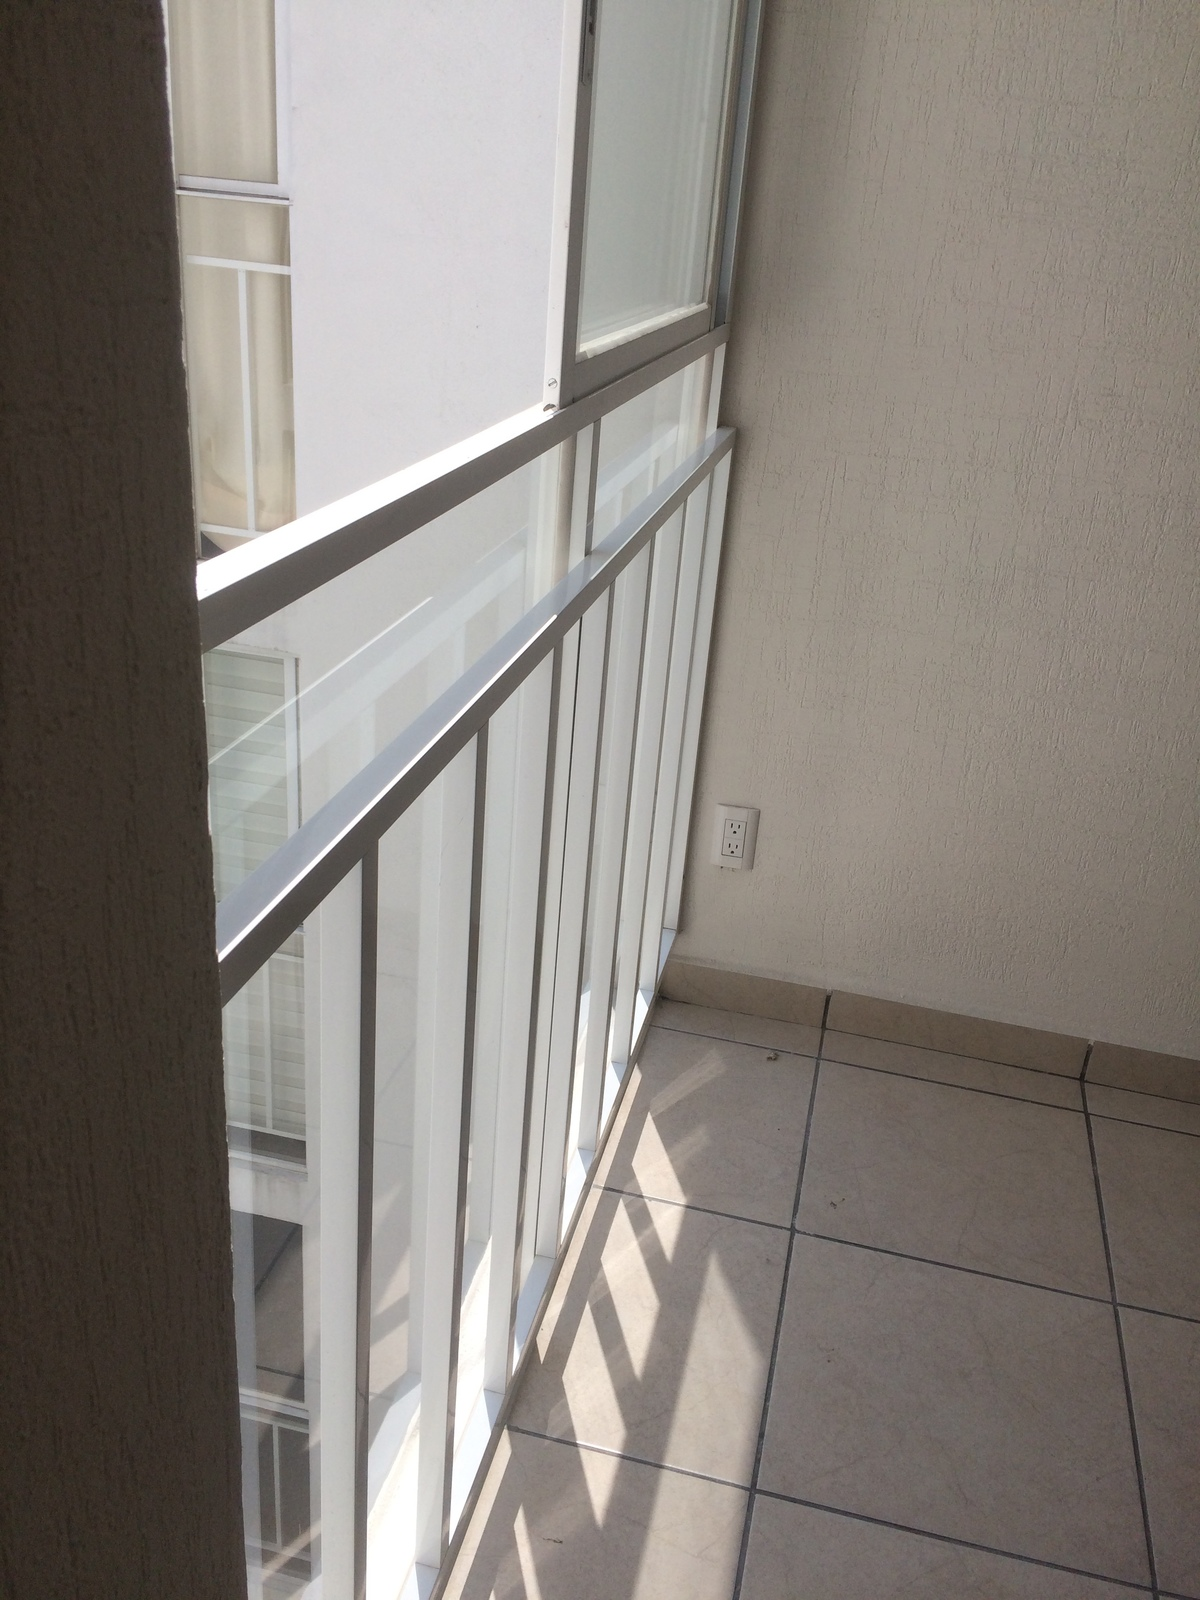 9 de 22: protecciones en las ventanas